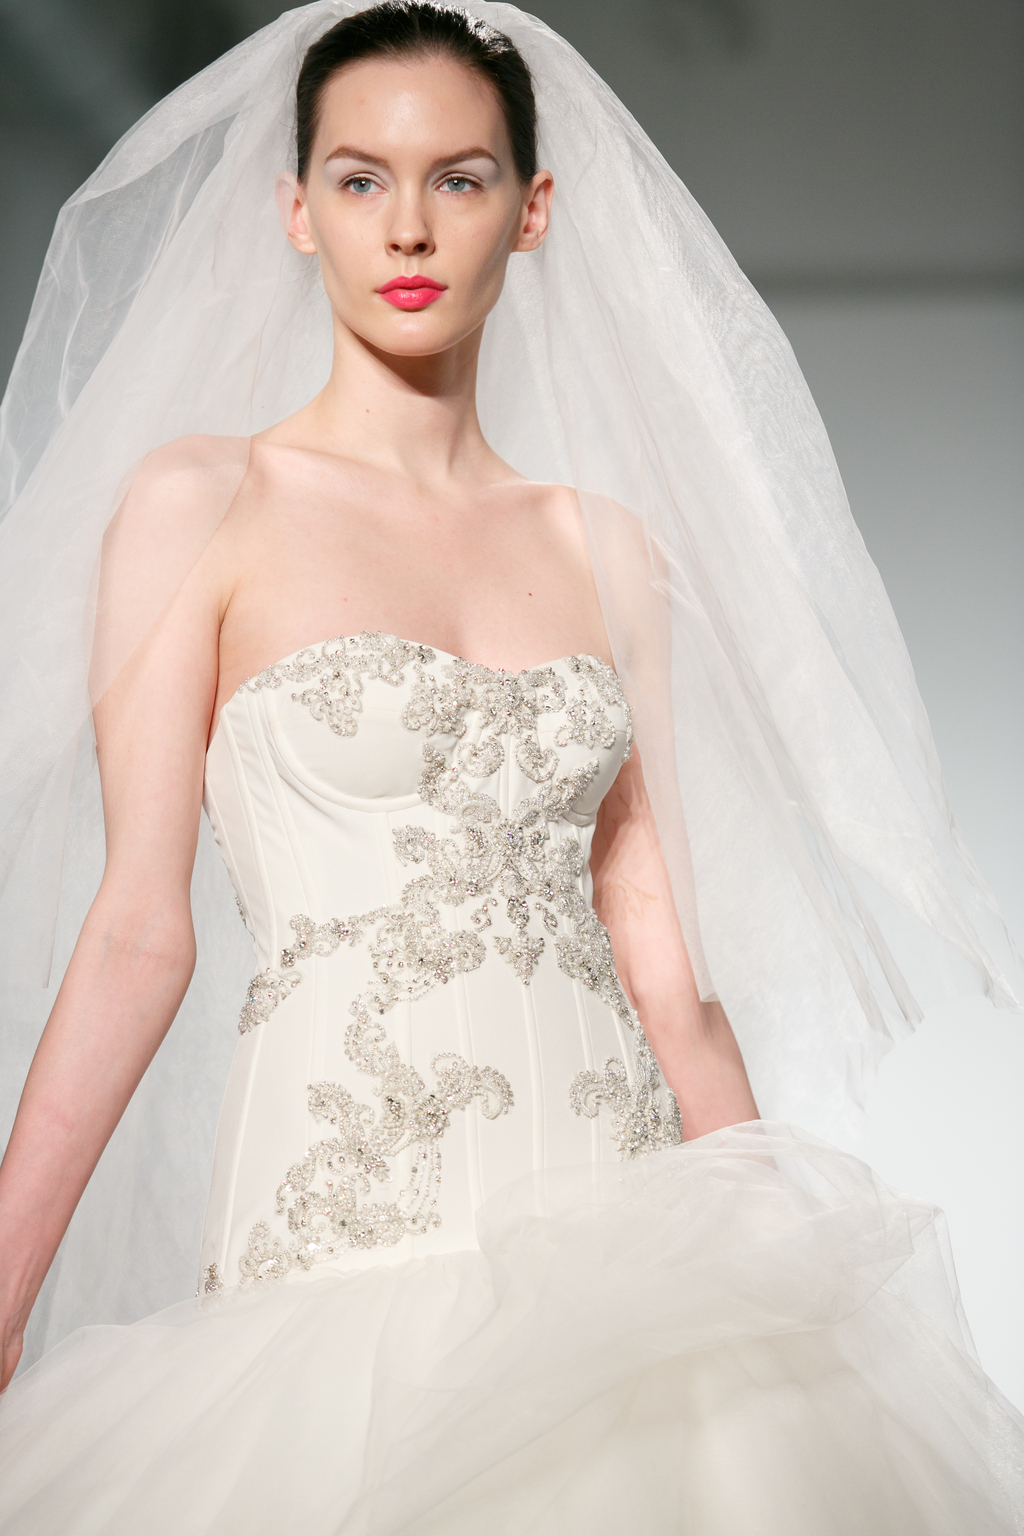 Kenneth-pool-wedding-dress-spring-2014-bridal-kylie.full